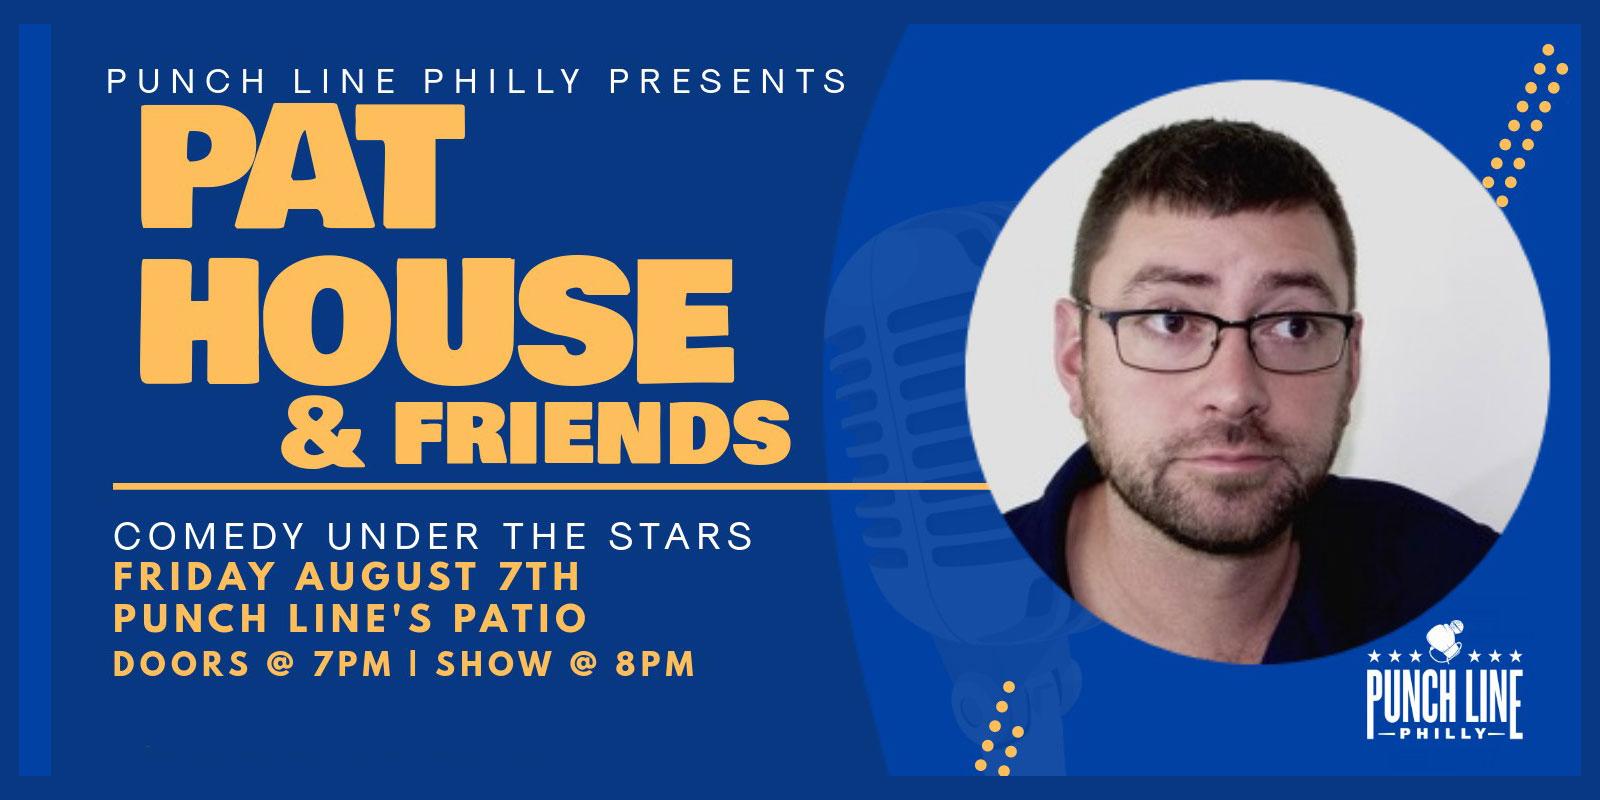 Pat House & Friends